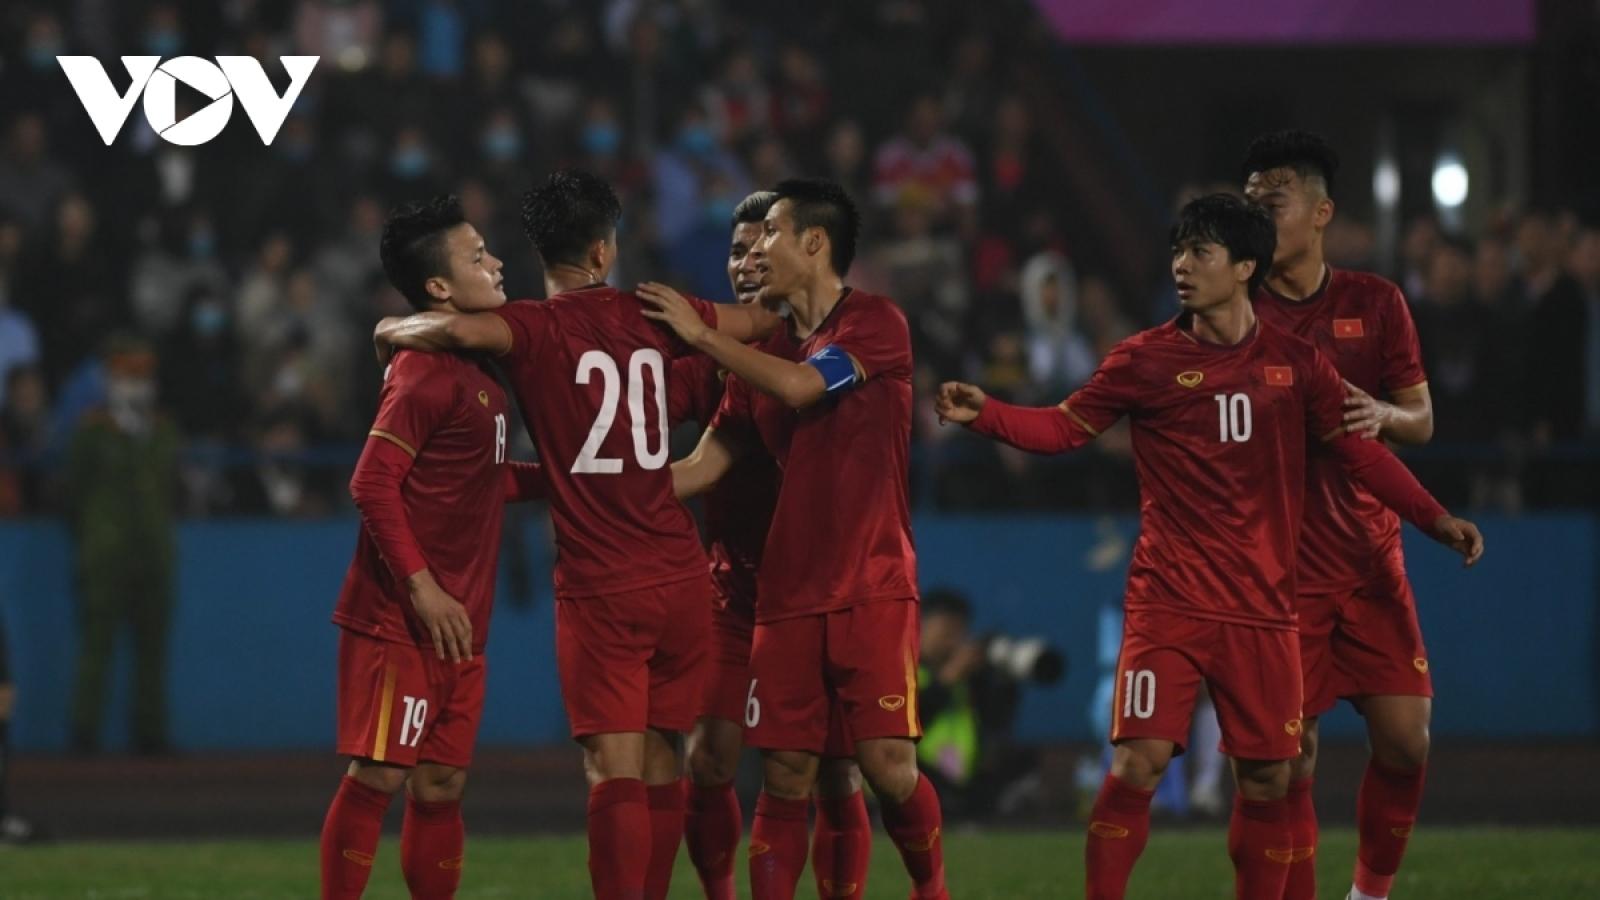 """Toàn cảnh: Quang Hải tỏa sáng, ĐT Việt Nam vẫn bị """"đàn em"""" U22 Việt Nam cầm hòa"""